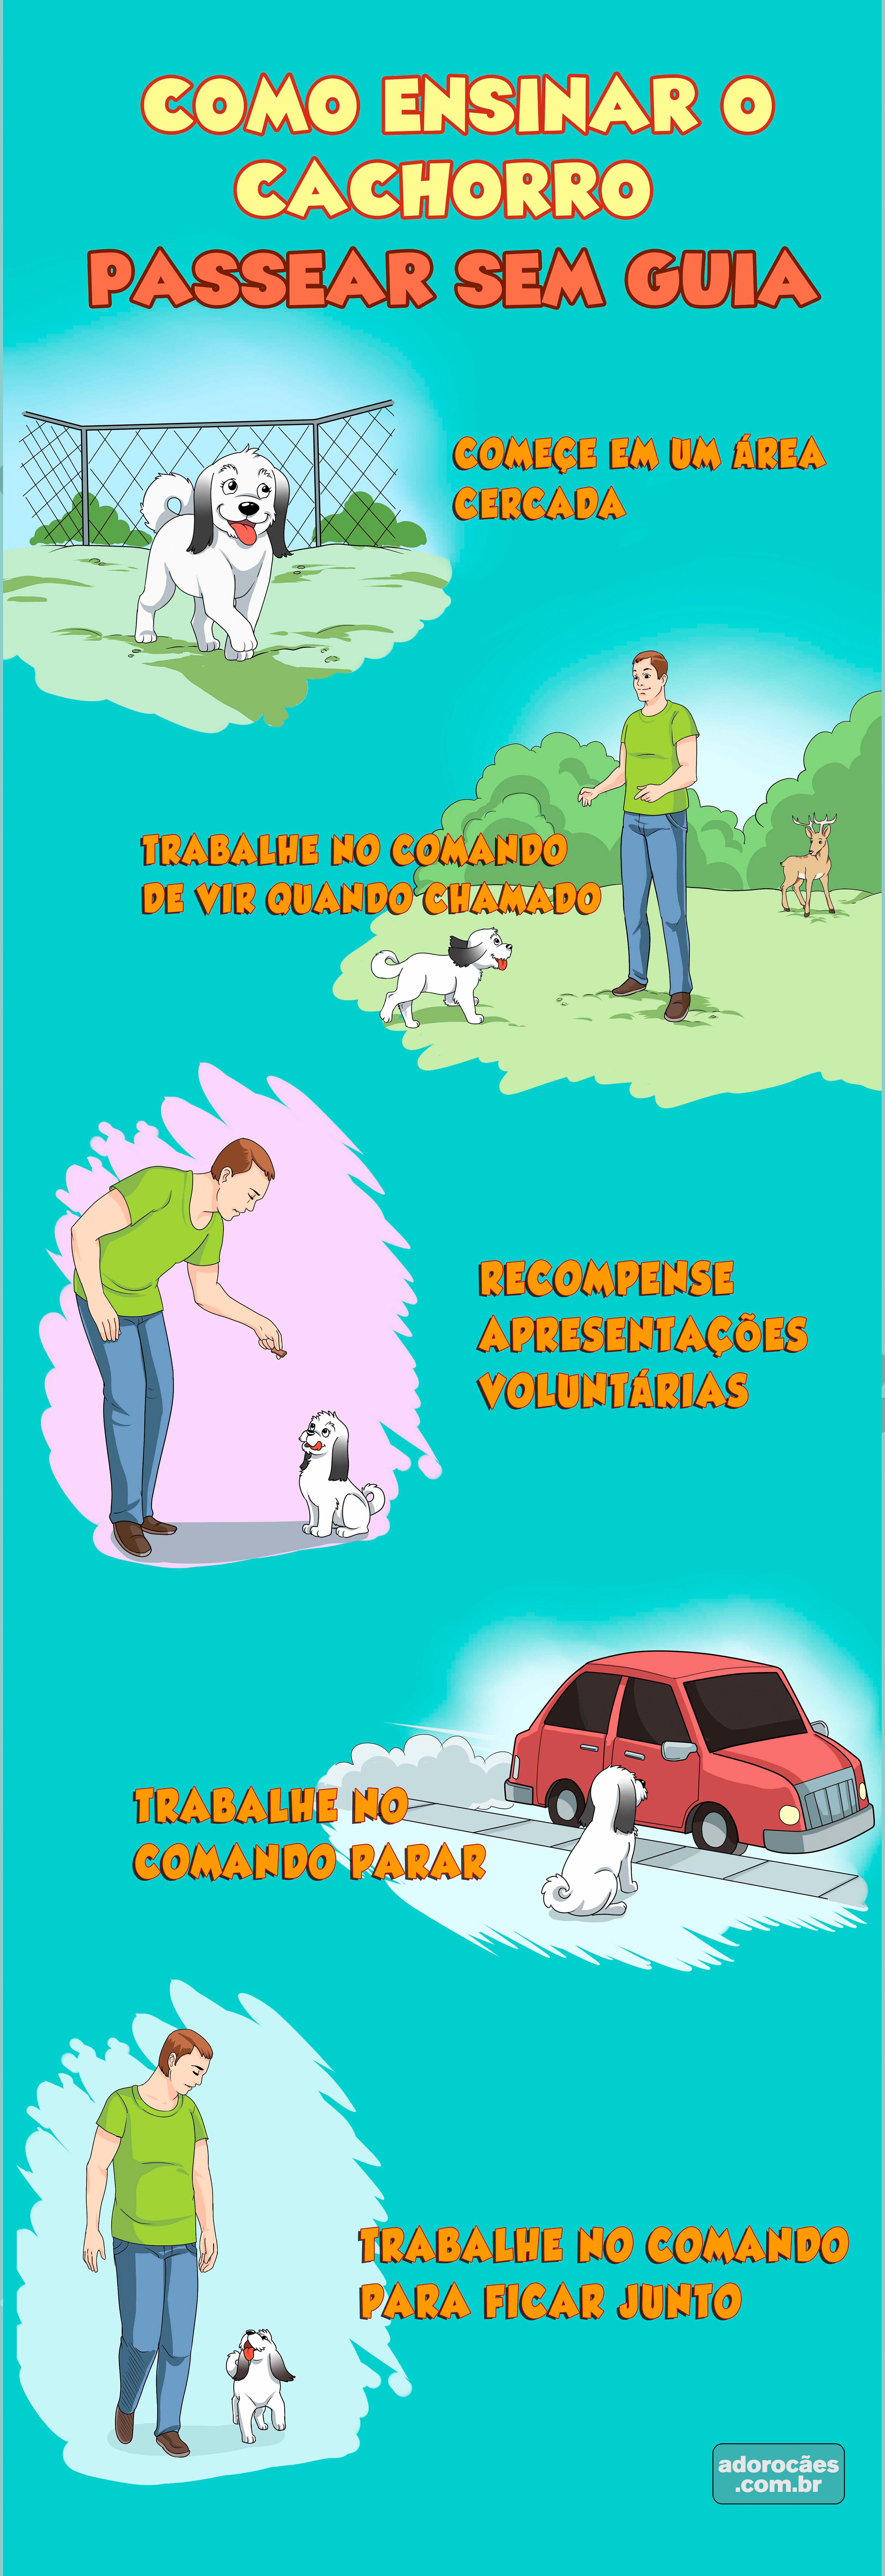 Como-ensinar-o-cachorro-passear-sem-guia-infografico